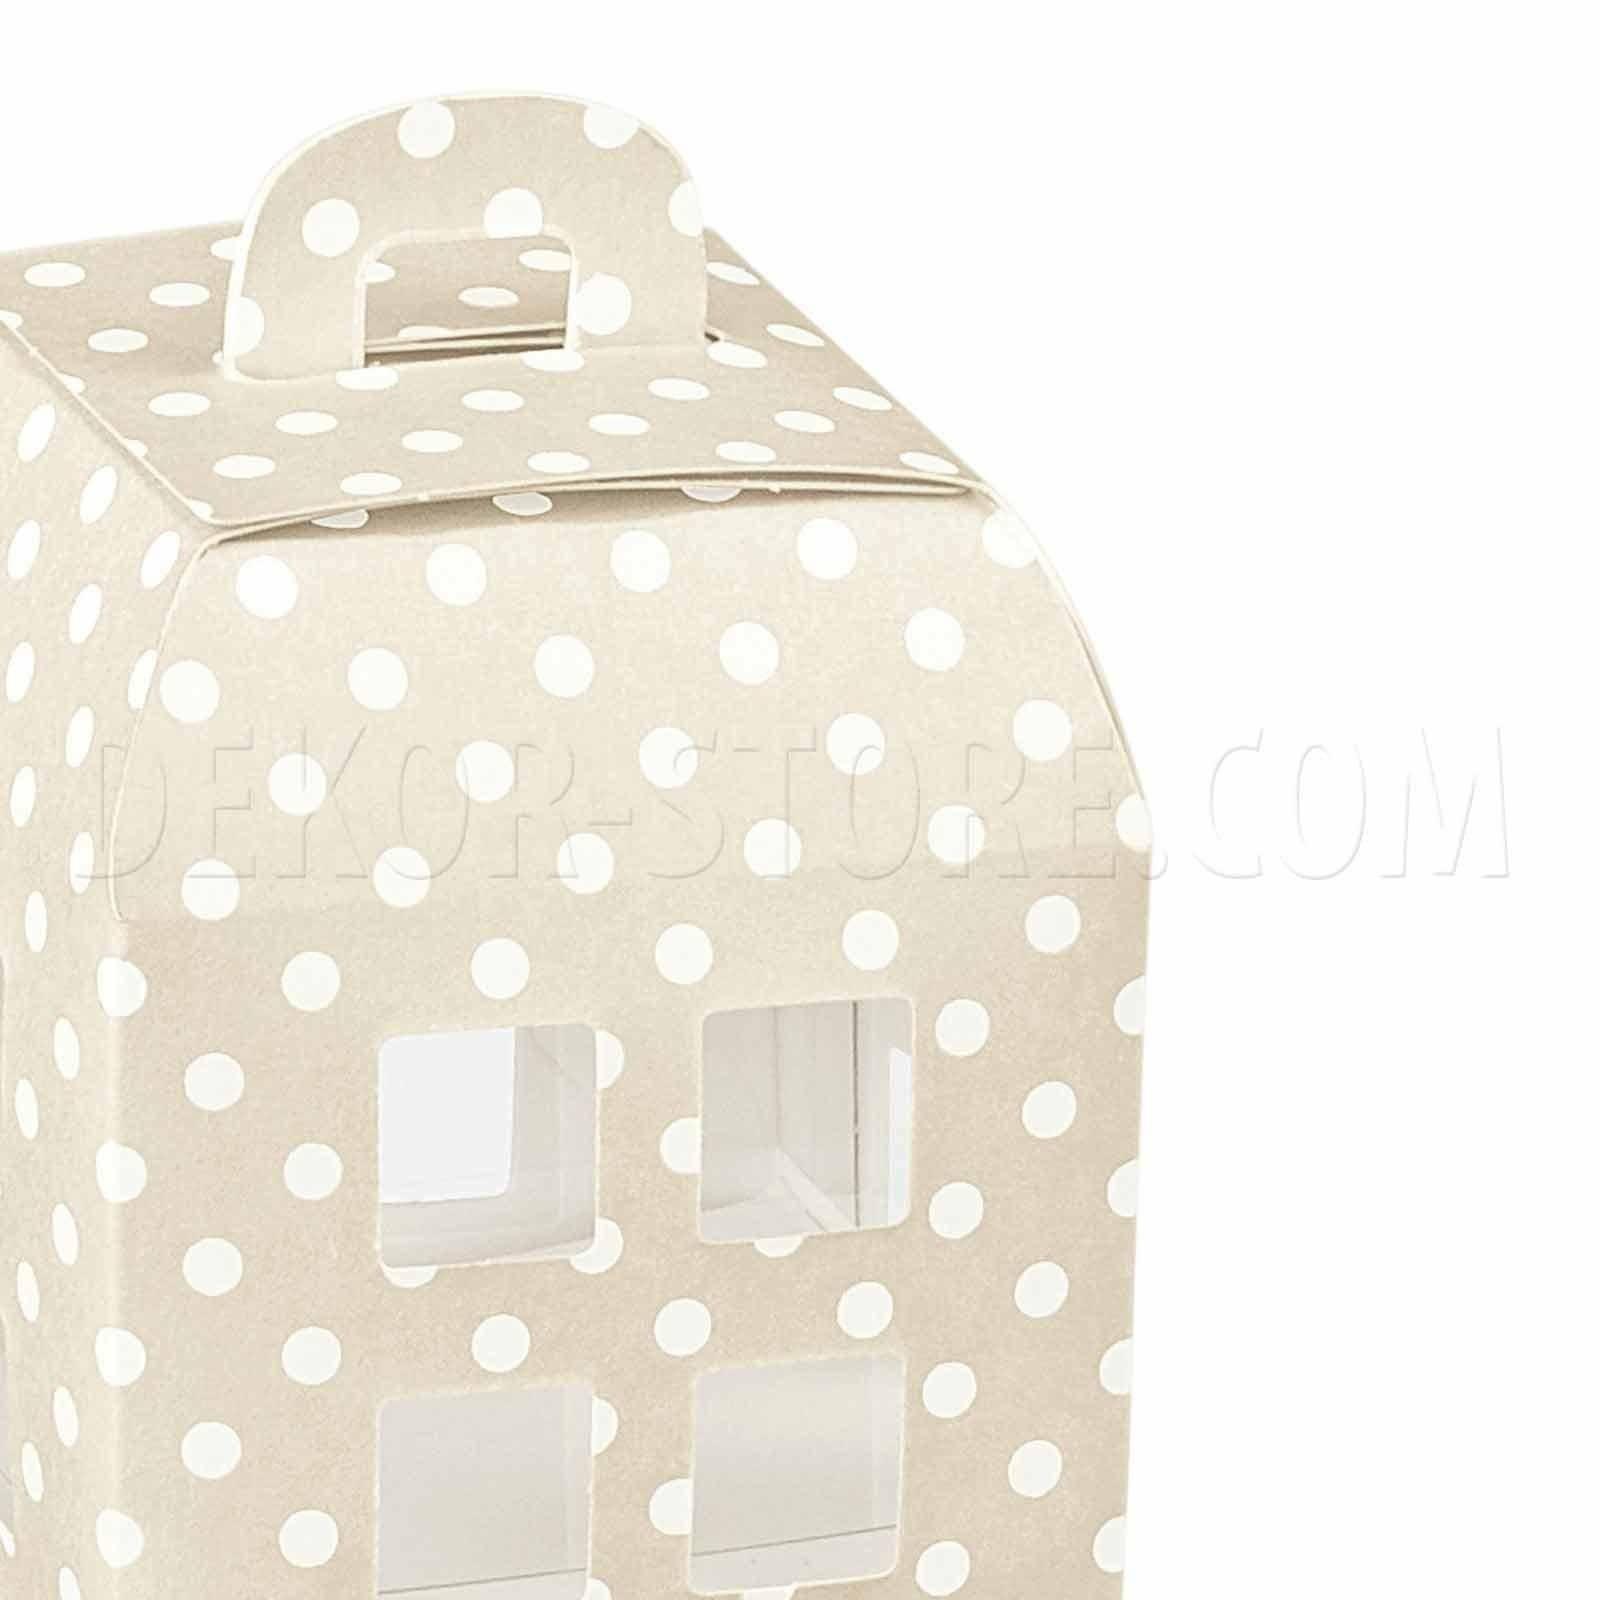 scotton spa lanterna porta confetti atelier tortora con interno trasparente 55x55x60 mm - 5 pz